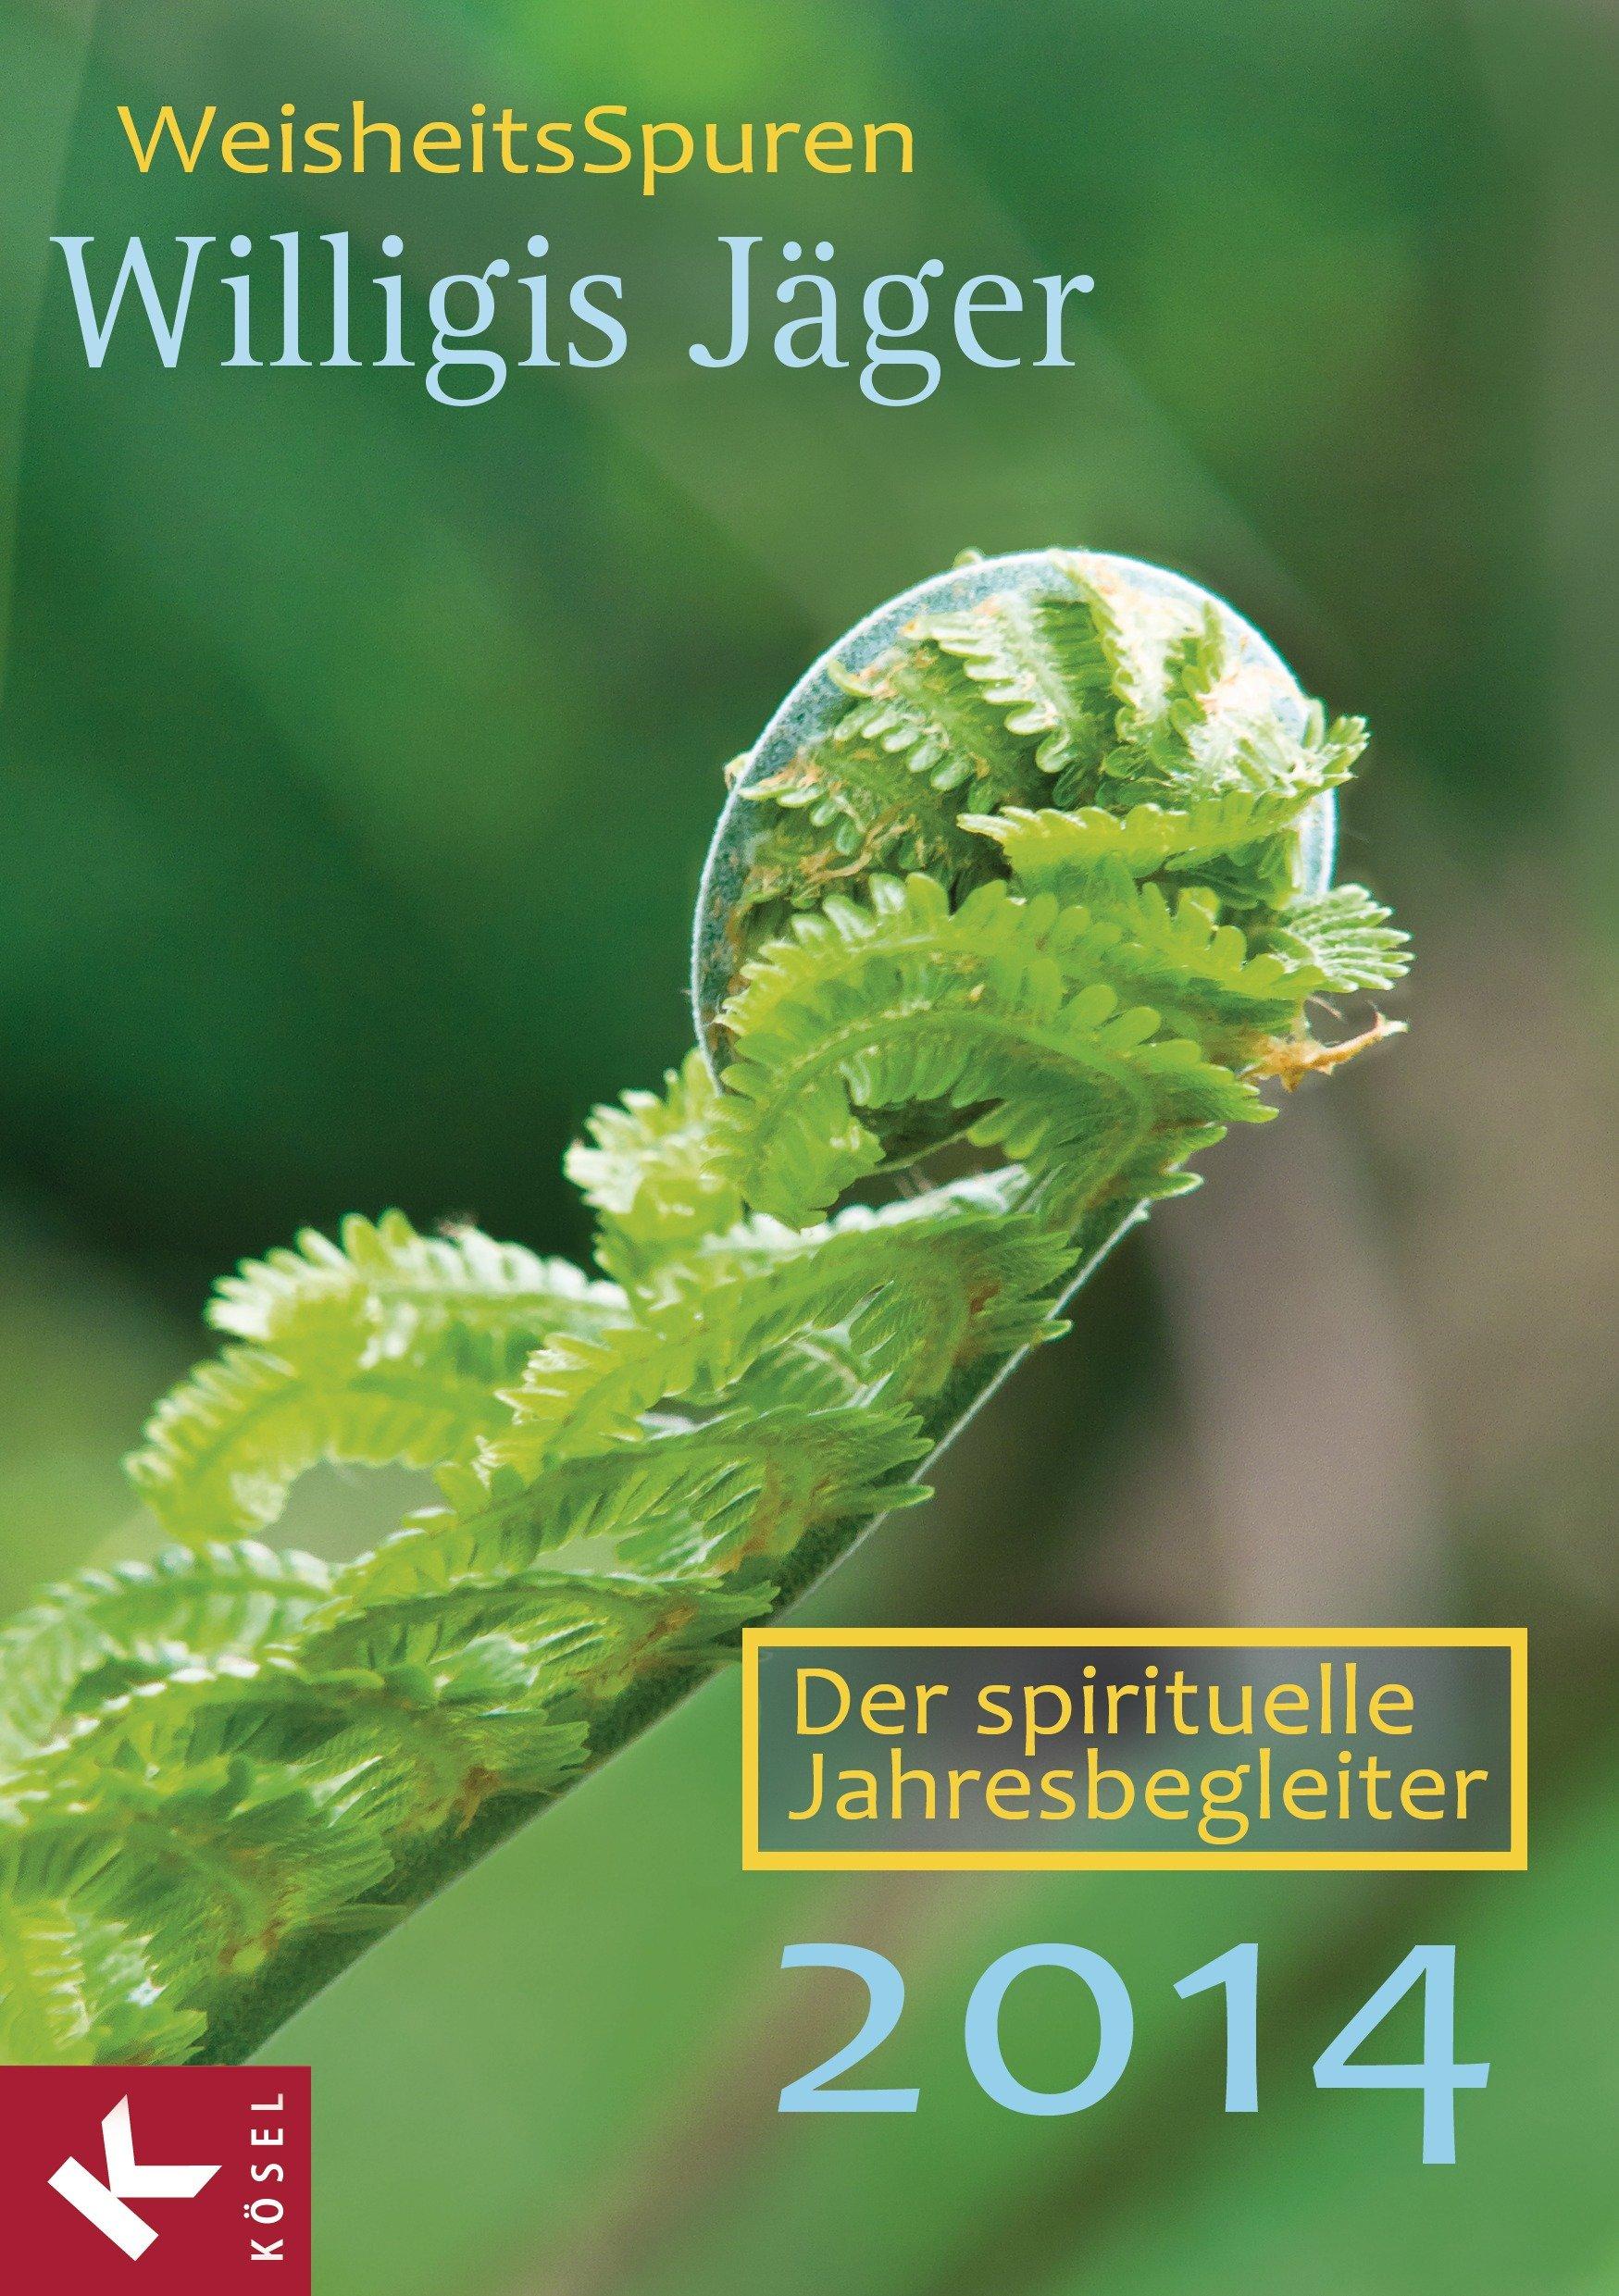 WeisheitsSpuren: Der spirituelle Jahresbegleiter 2014 - Herausgegeben von der Willigis Jäger Stiftung West-östliche Weisheit